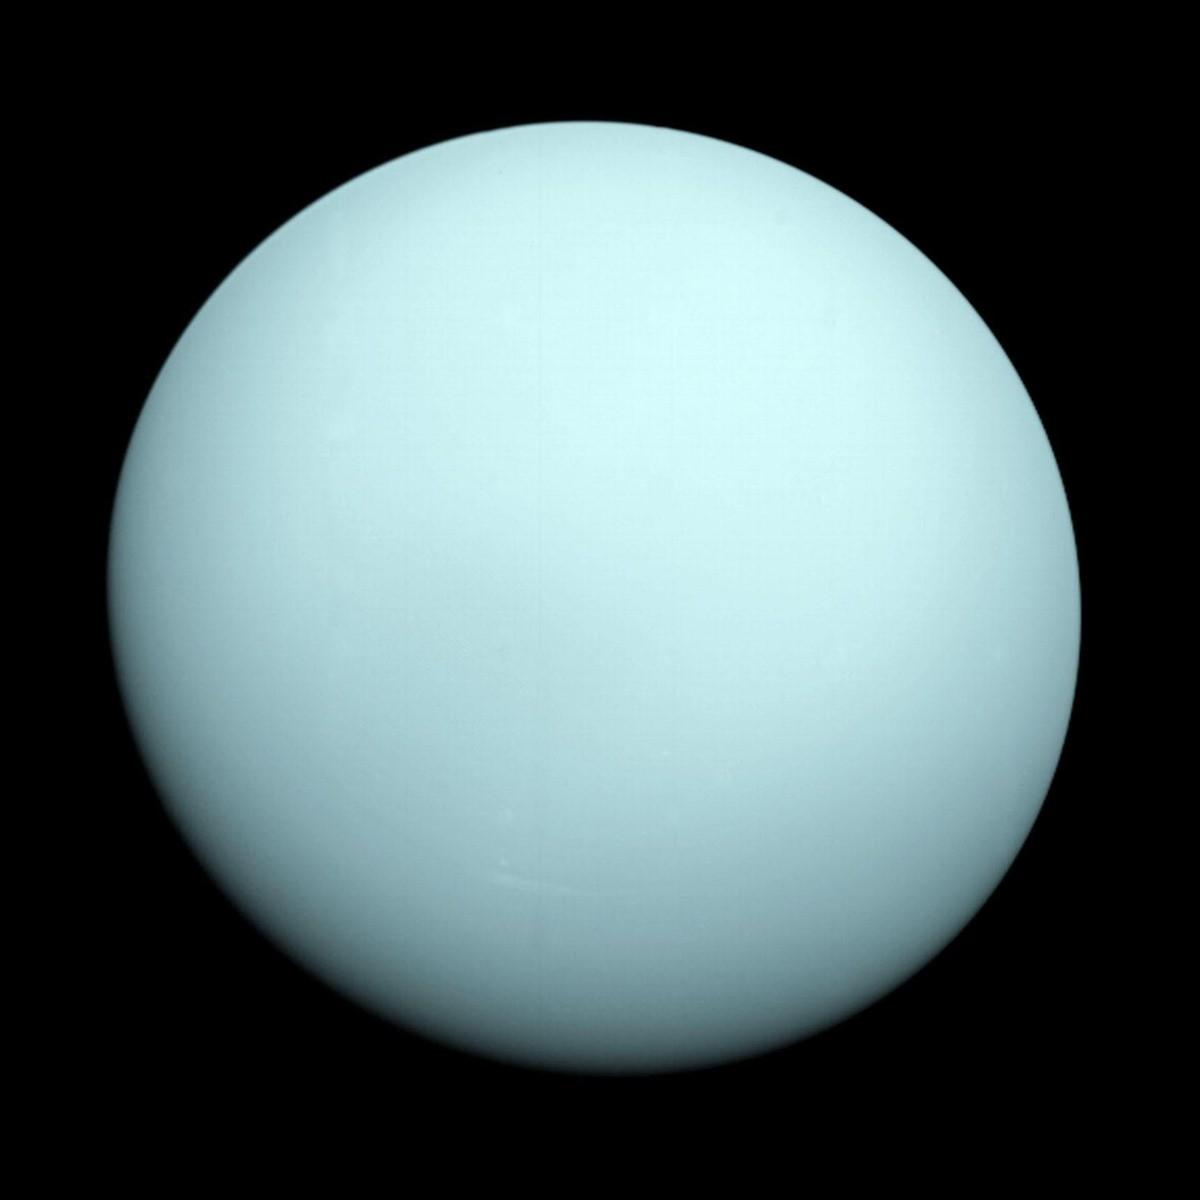 La magnétosphère d'Uranus s'ouvre et se ferme tous les jours